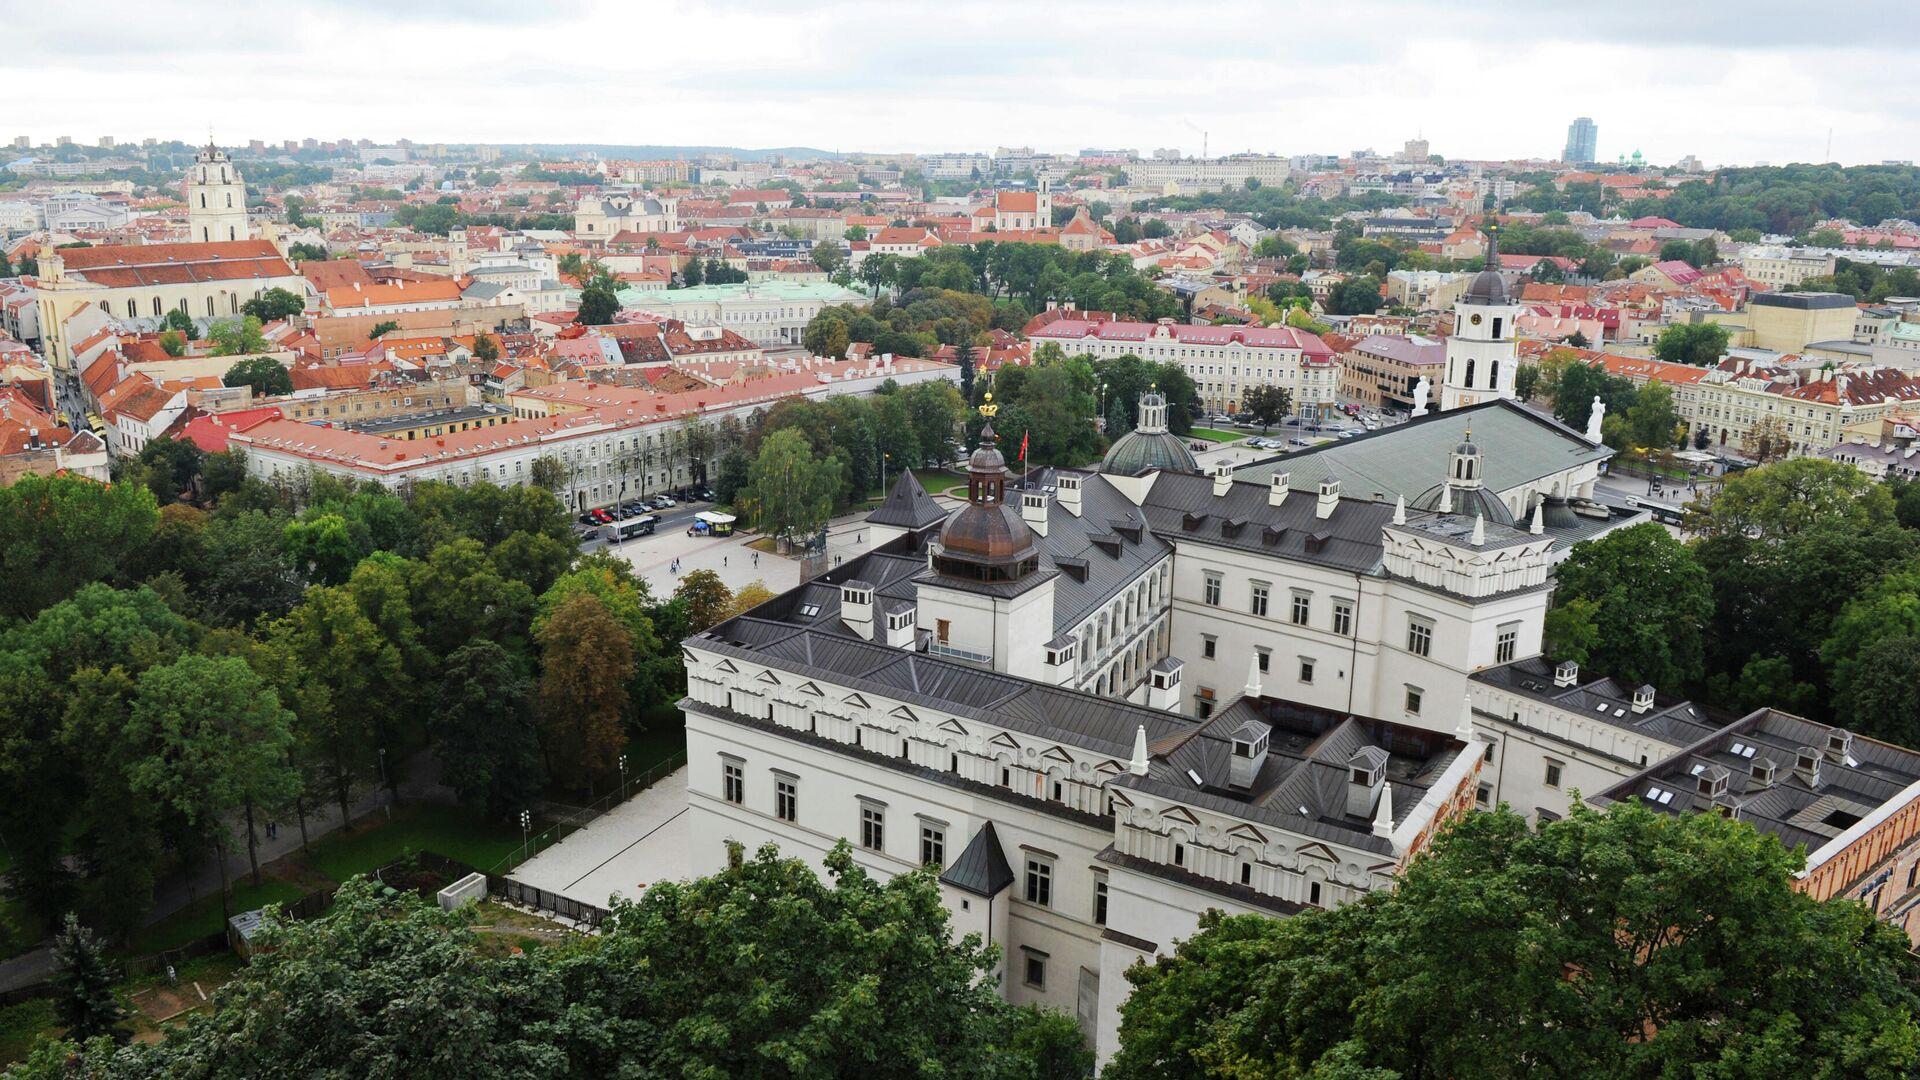 МИД Литвы потребовал отпустить пассажиров севшего в Минске самолета